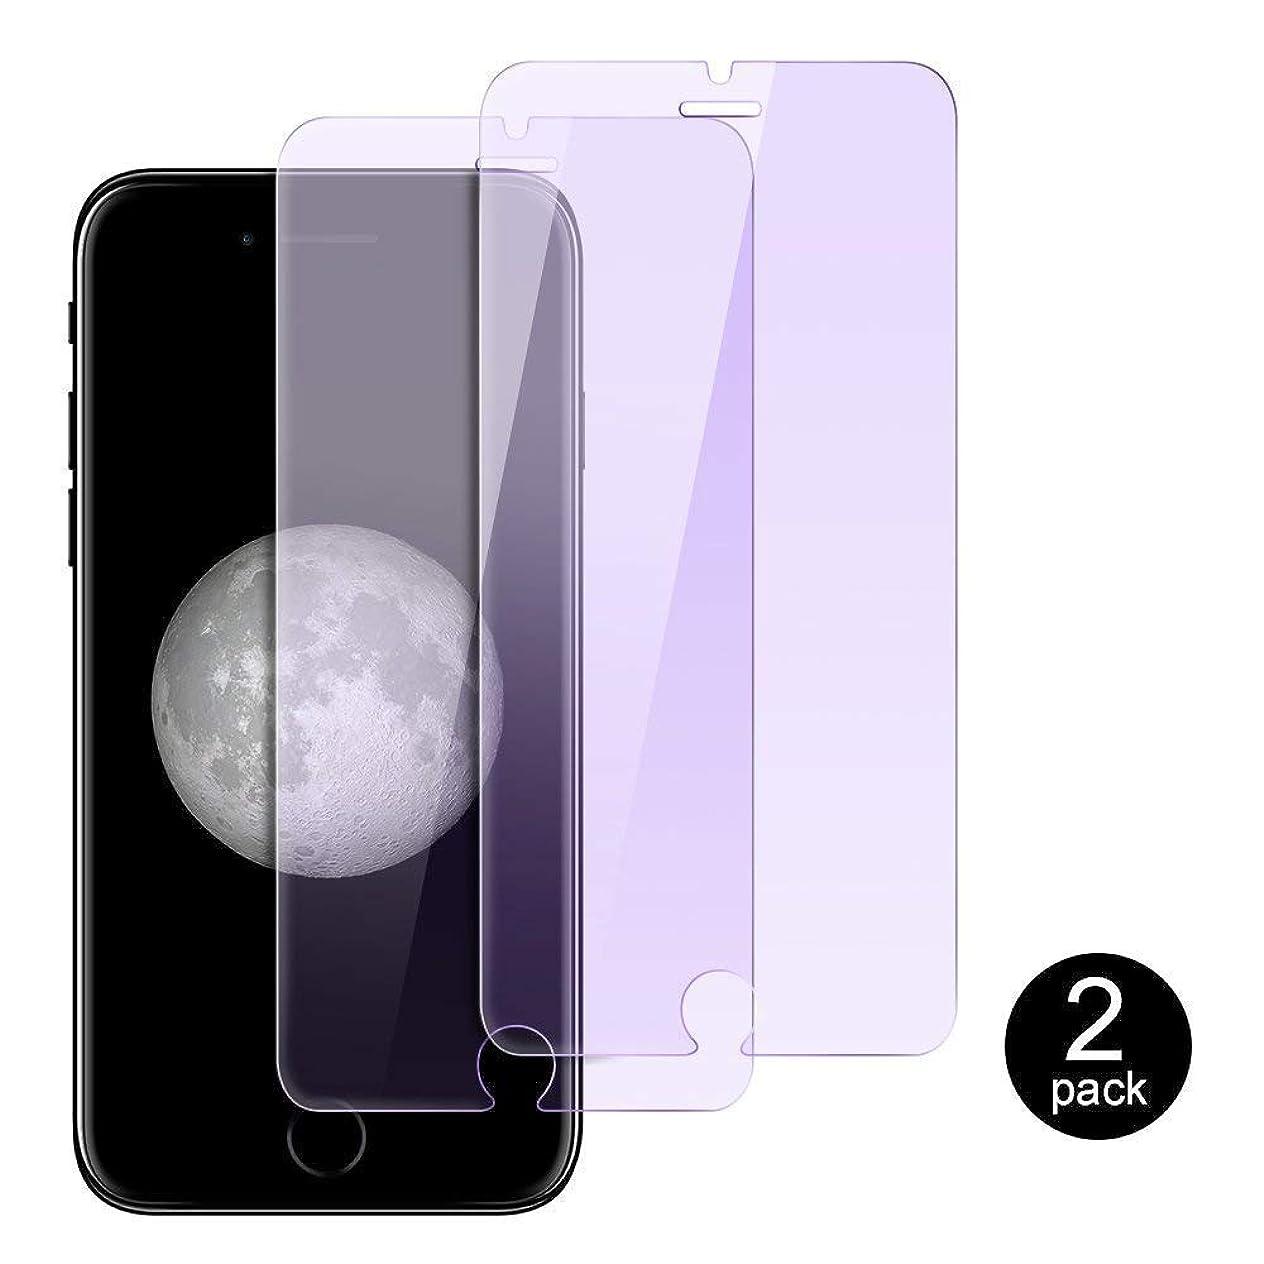 フィードホスト評価可能iPhone7plus/8 plus ガラスフィルム ブルーライト液晶保護フィルム アンチグレア 視力を保護 アイフォン7plus/8 plus フィルム ブルーライトカット業界最高硬度9H 5D全面 高透過率 防塵 耐働撃 指紋防止 極薄型 3D Touch対応 (iphone7plus/8 plus)